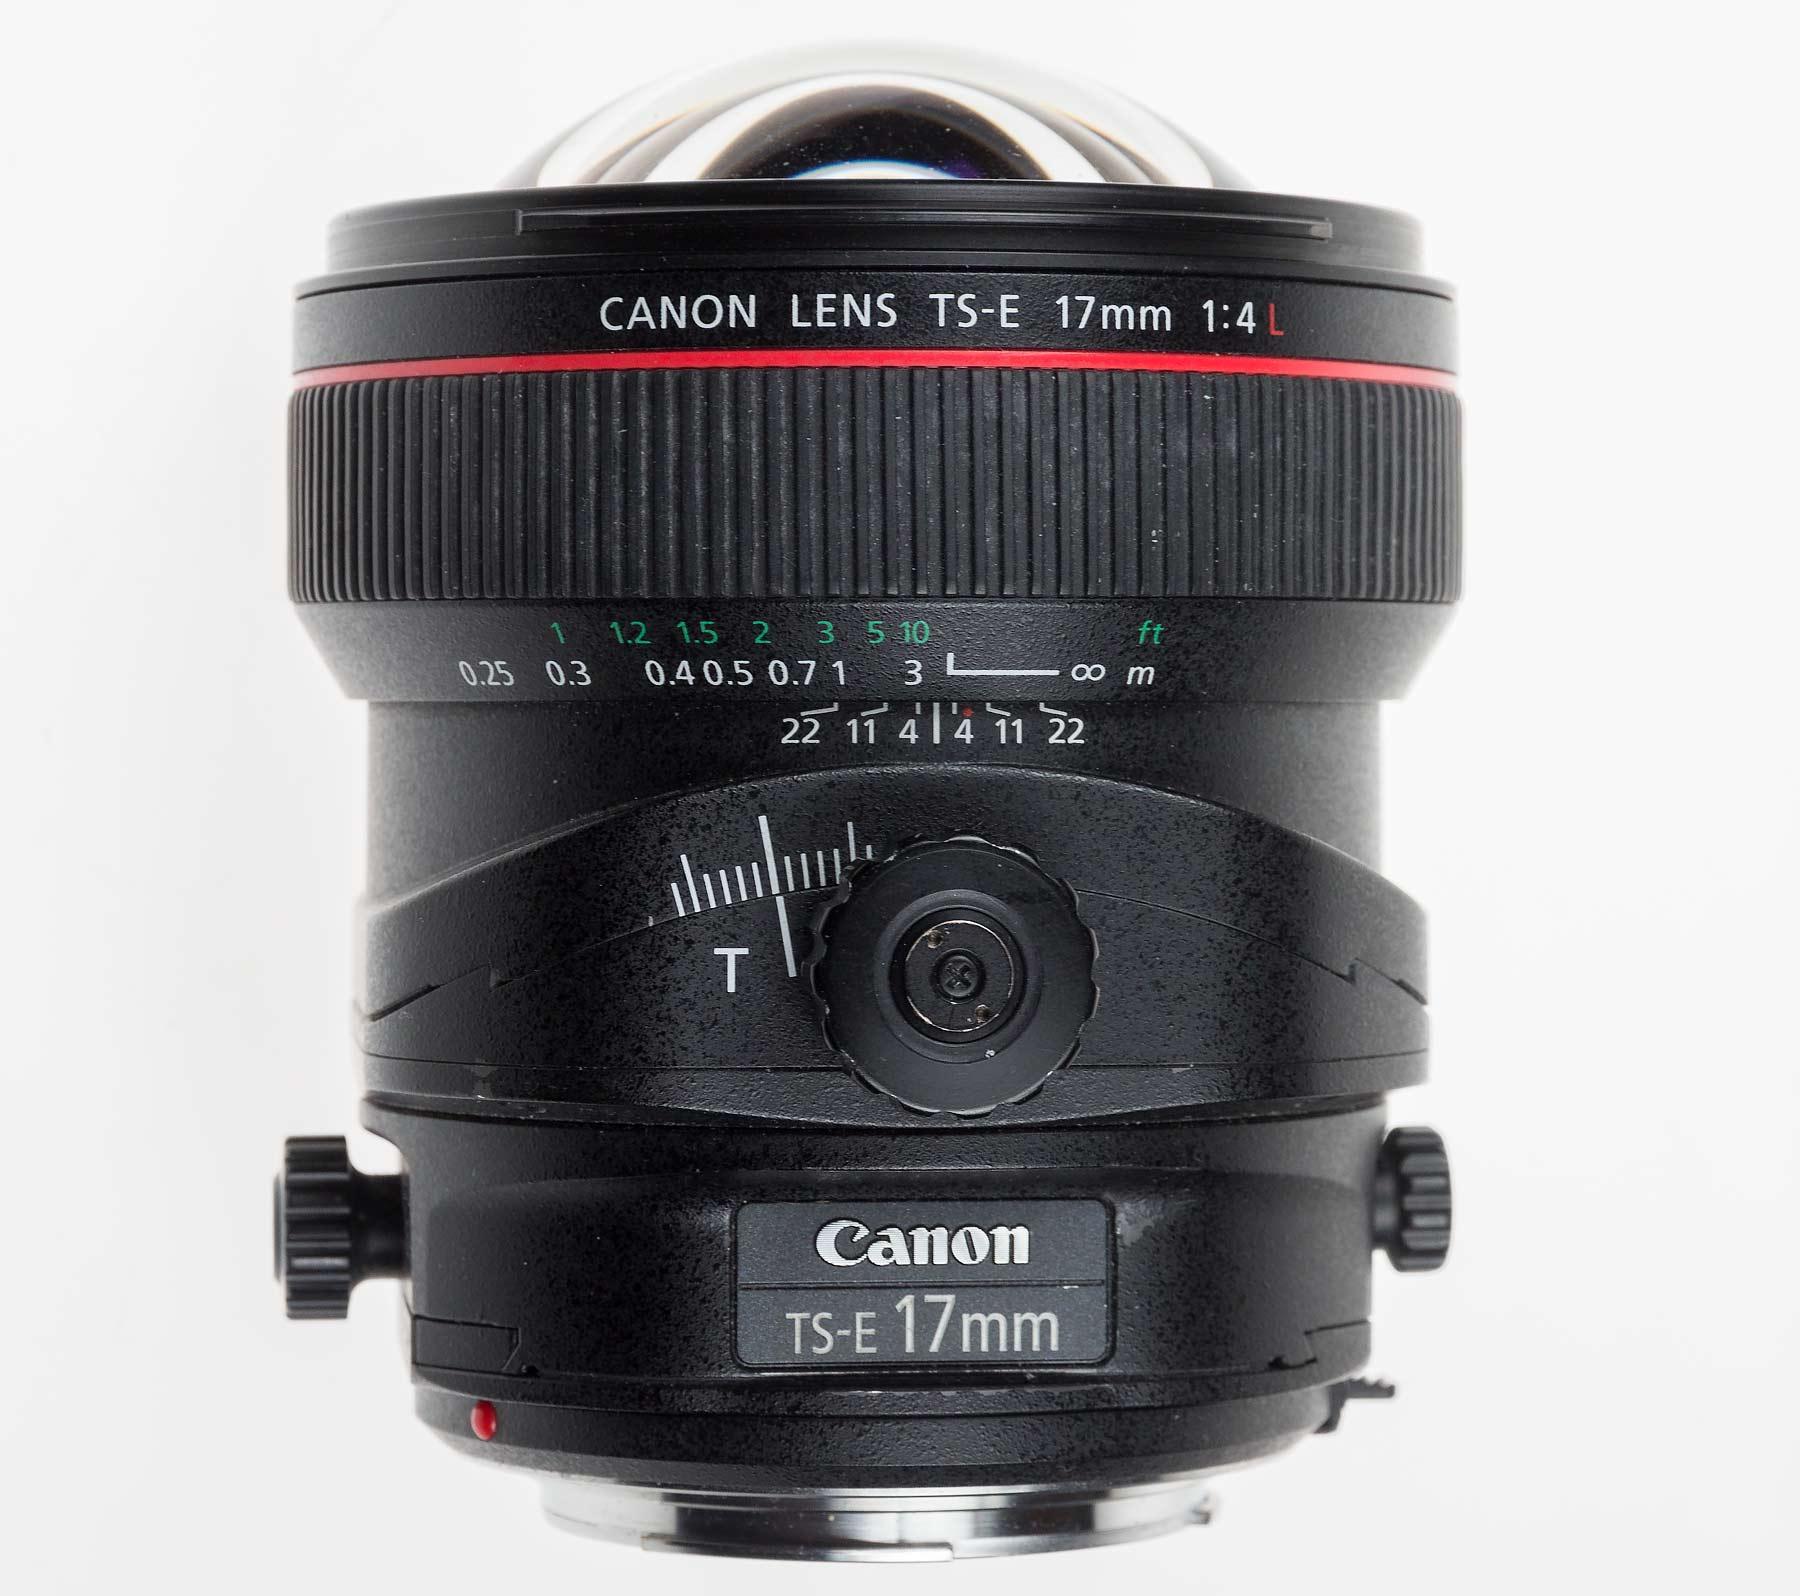 ts-e17 lens